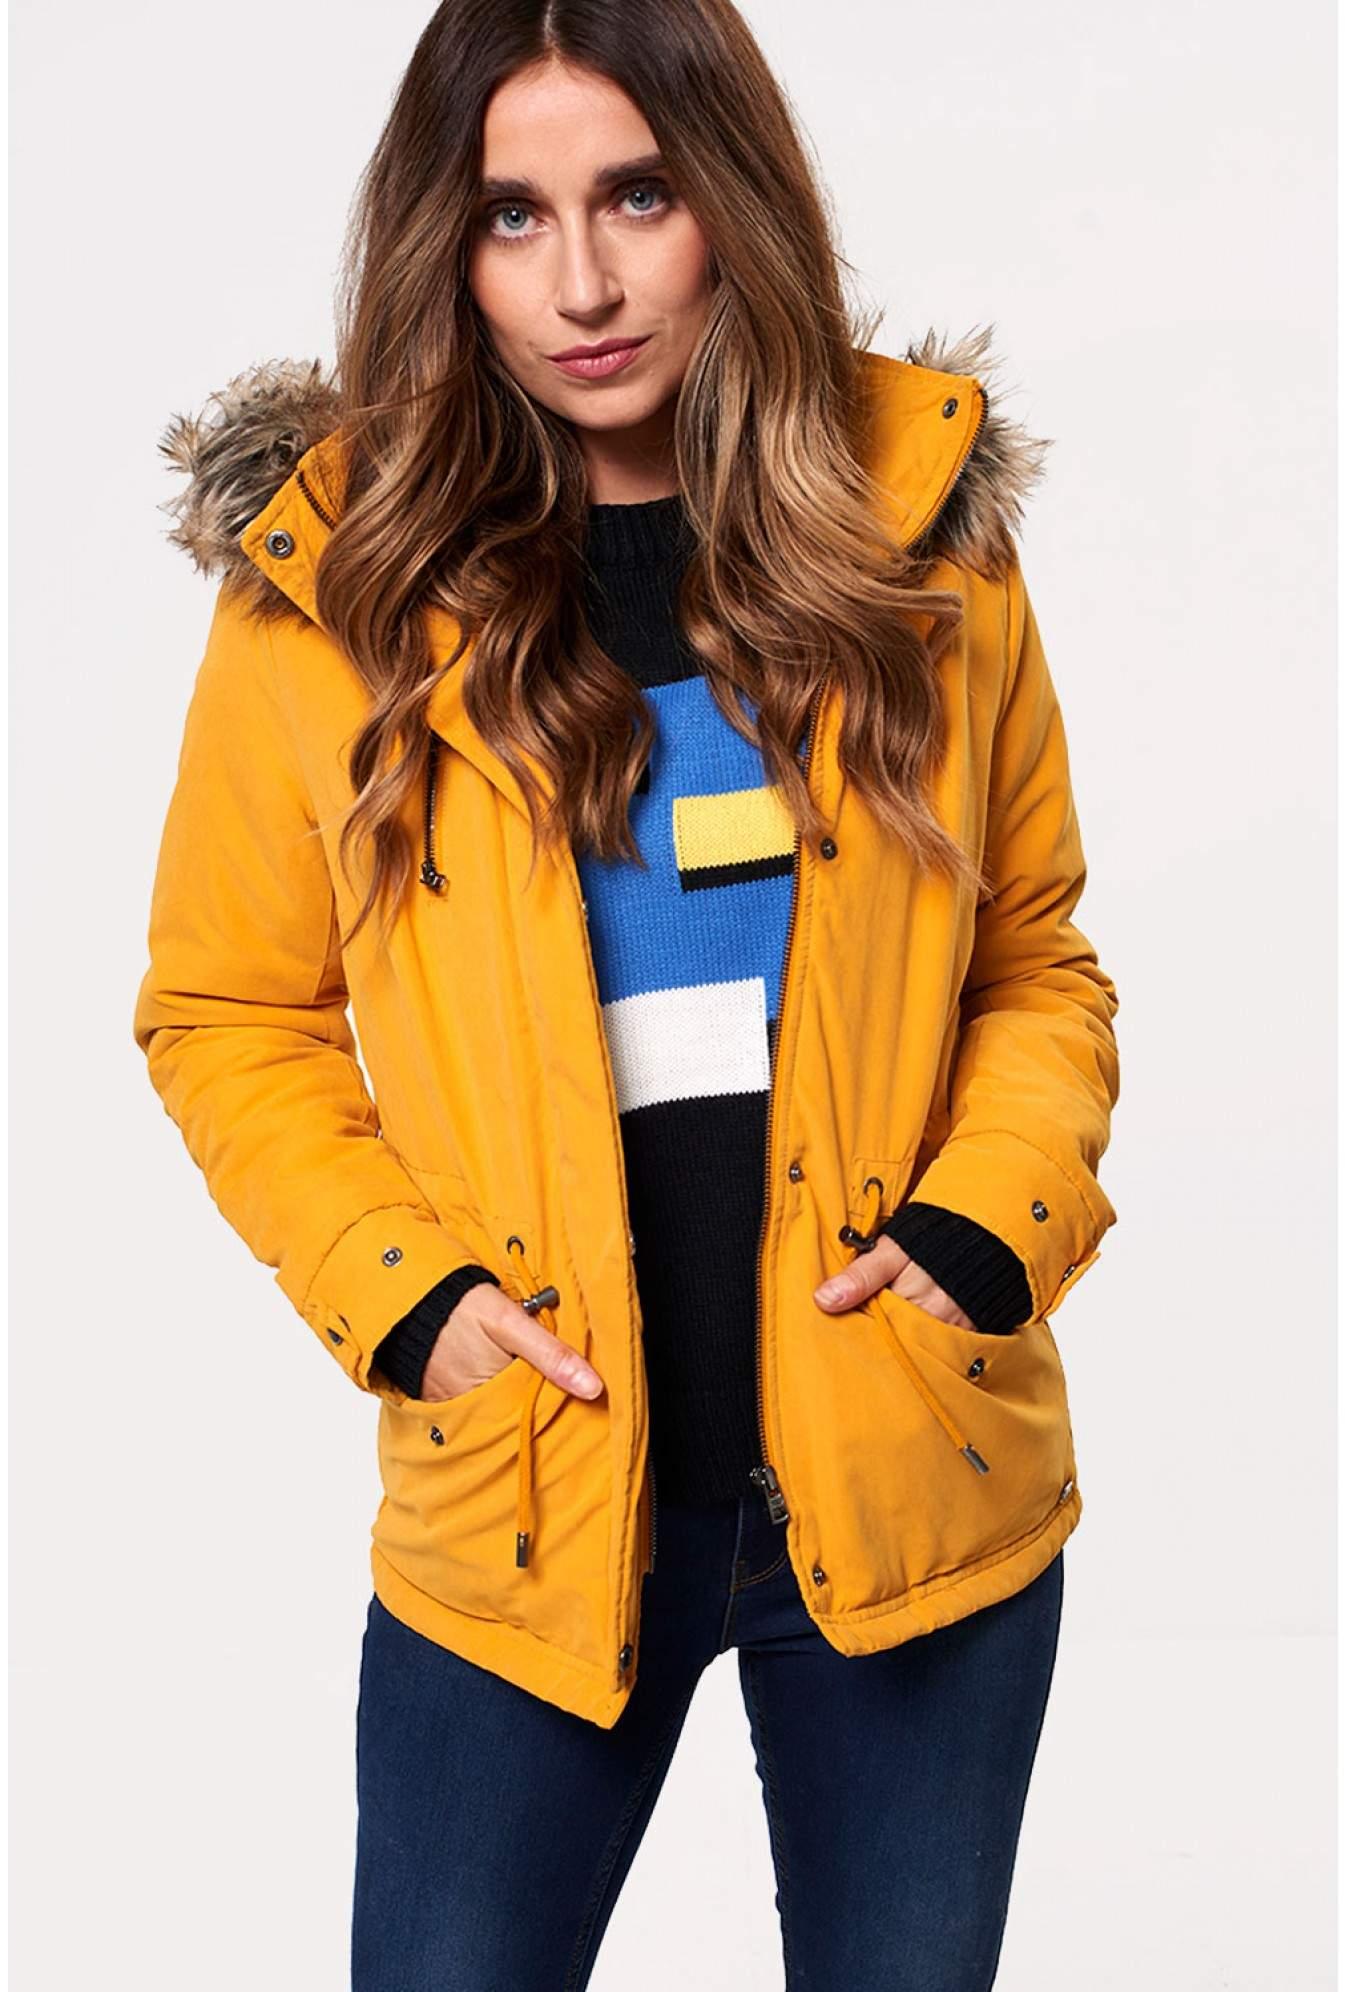 4f196c6358ee0 Only Starlight Short Fur Parka Jacket in Mustard